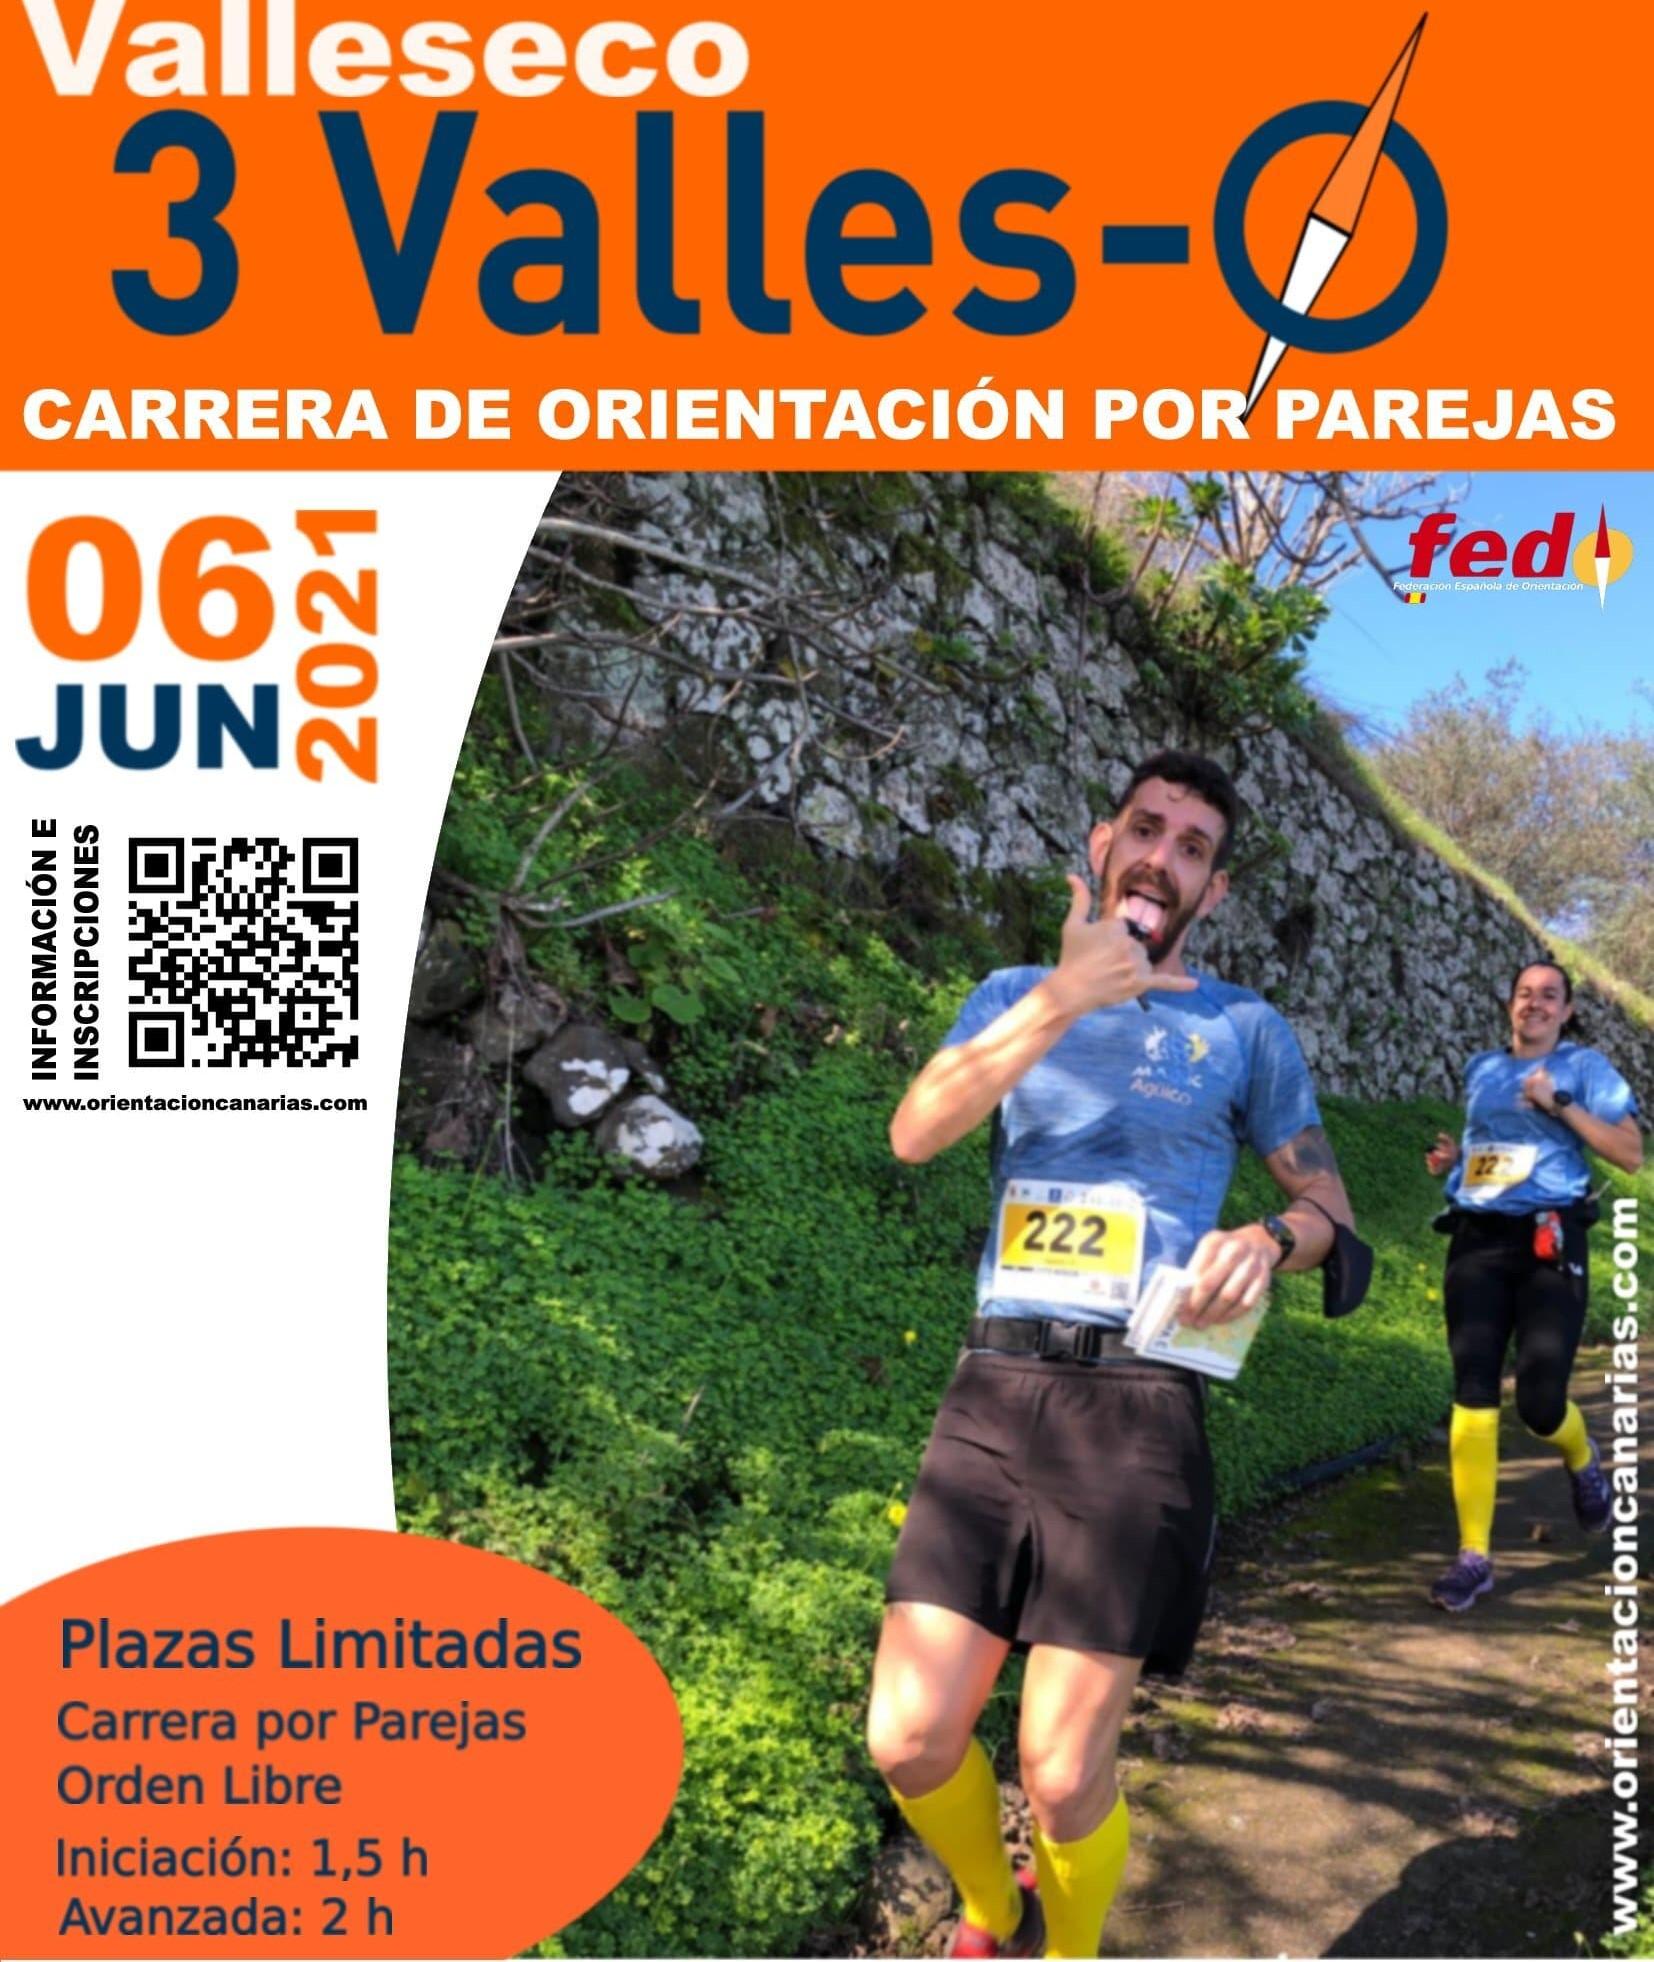 """Carrera """"Valleseco 3 Valles-O"""" / CanariasNoticias.es"""